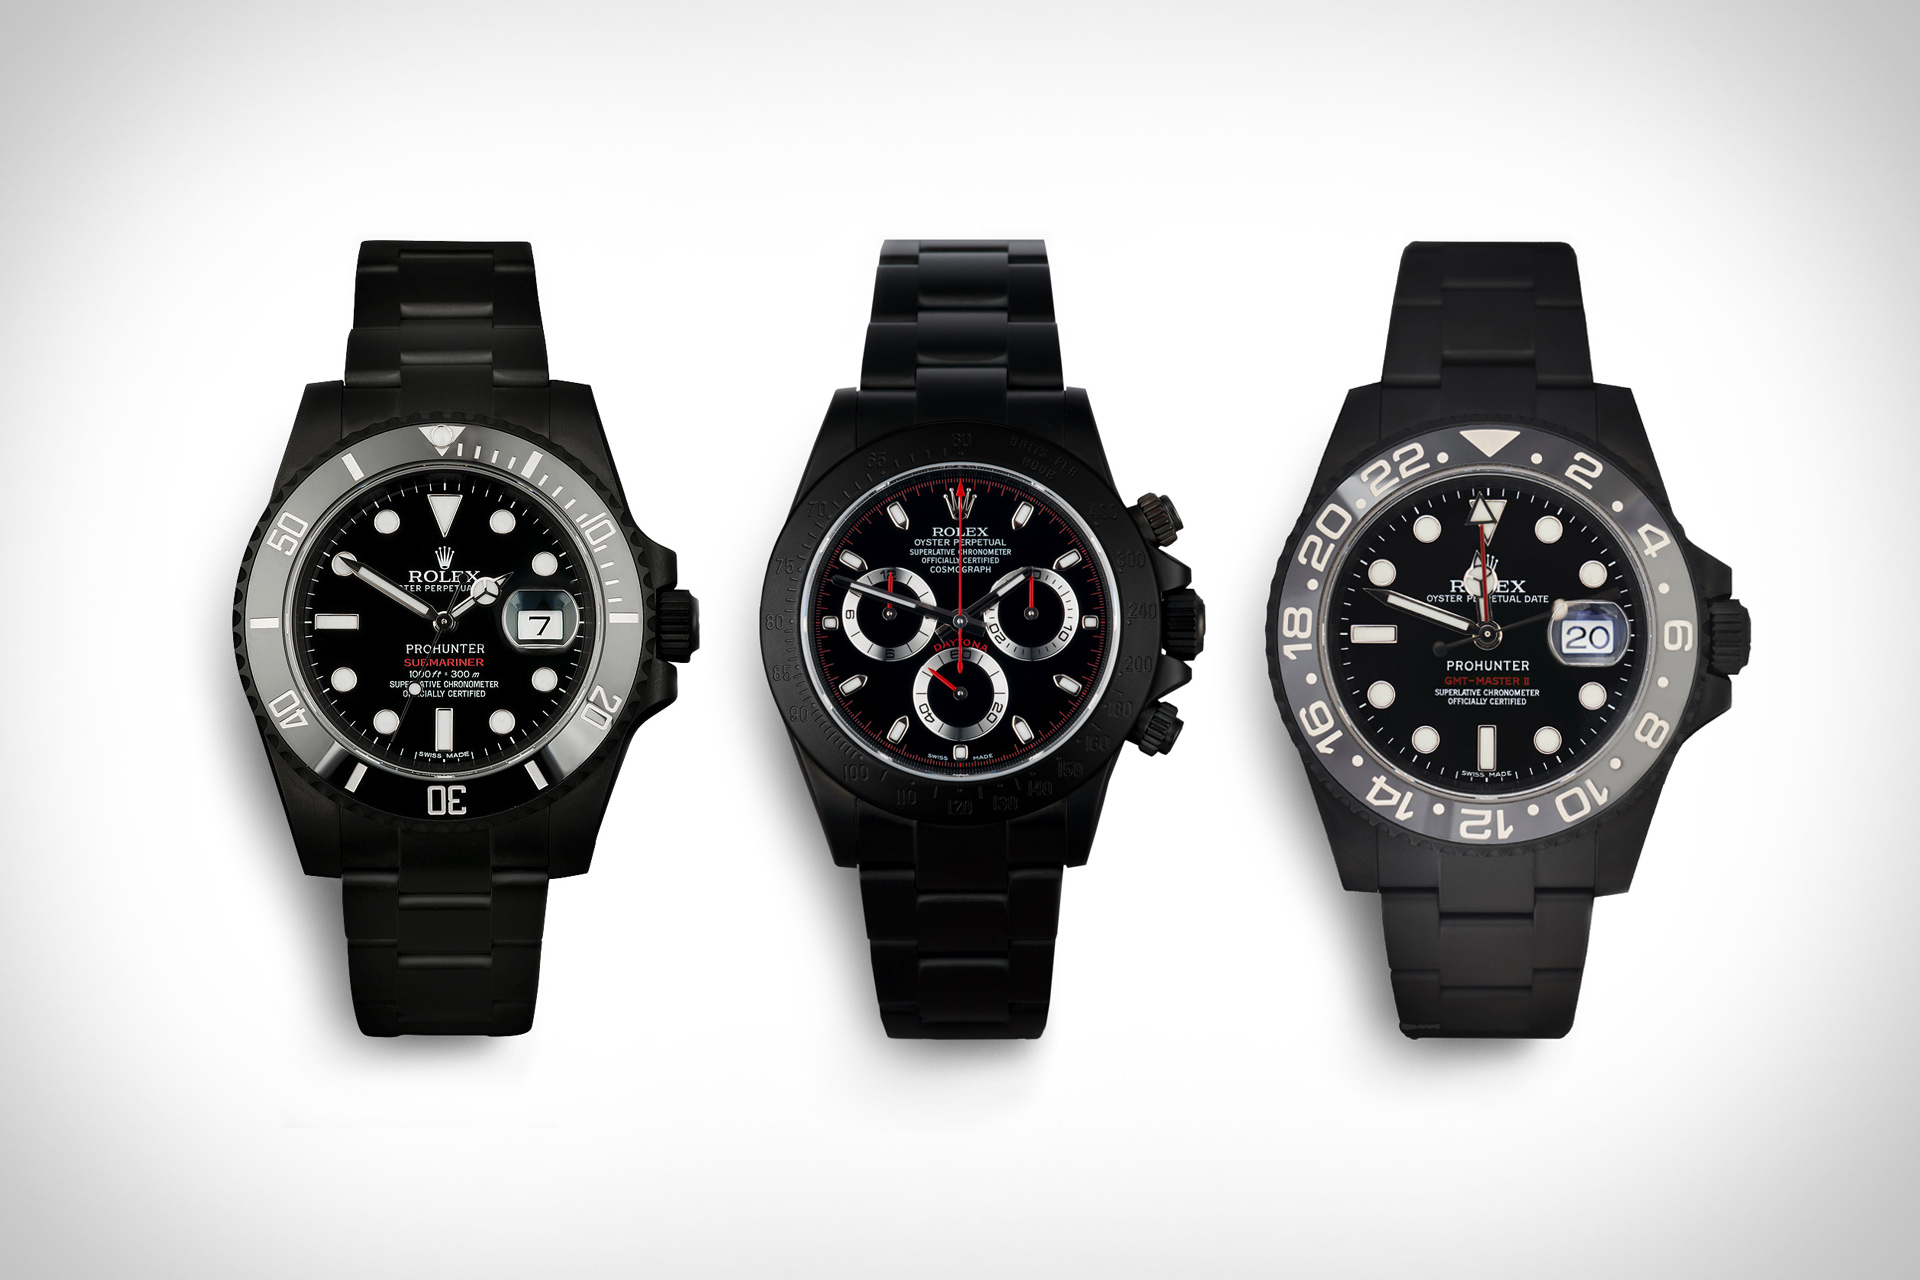 ポルシェ 時計 コピーレディース | ドラマ 腕時計